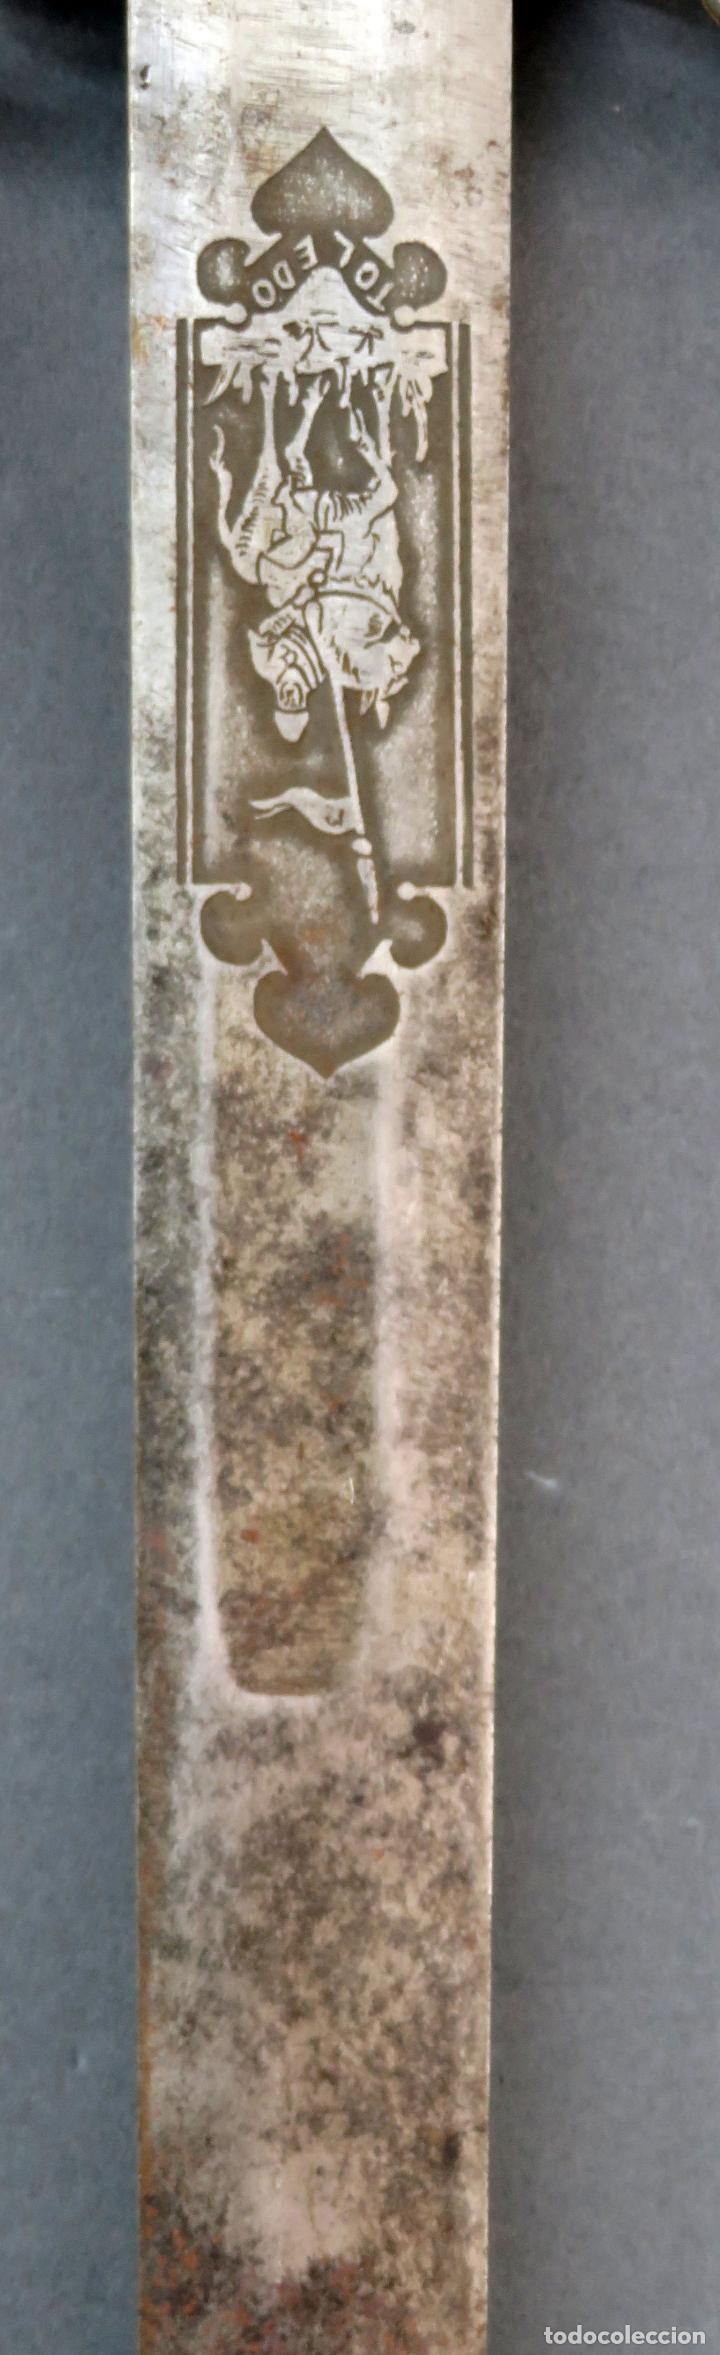 Militaria: Espada reproducción de la Tizona de El Cid Campeador en hierro años 60 - Foto 4 - 168076804